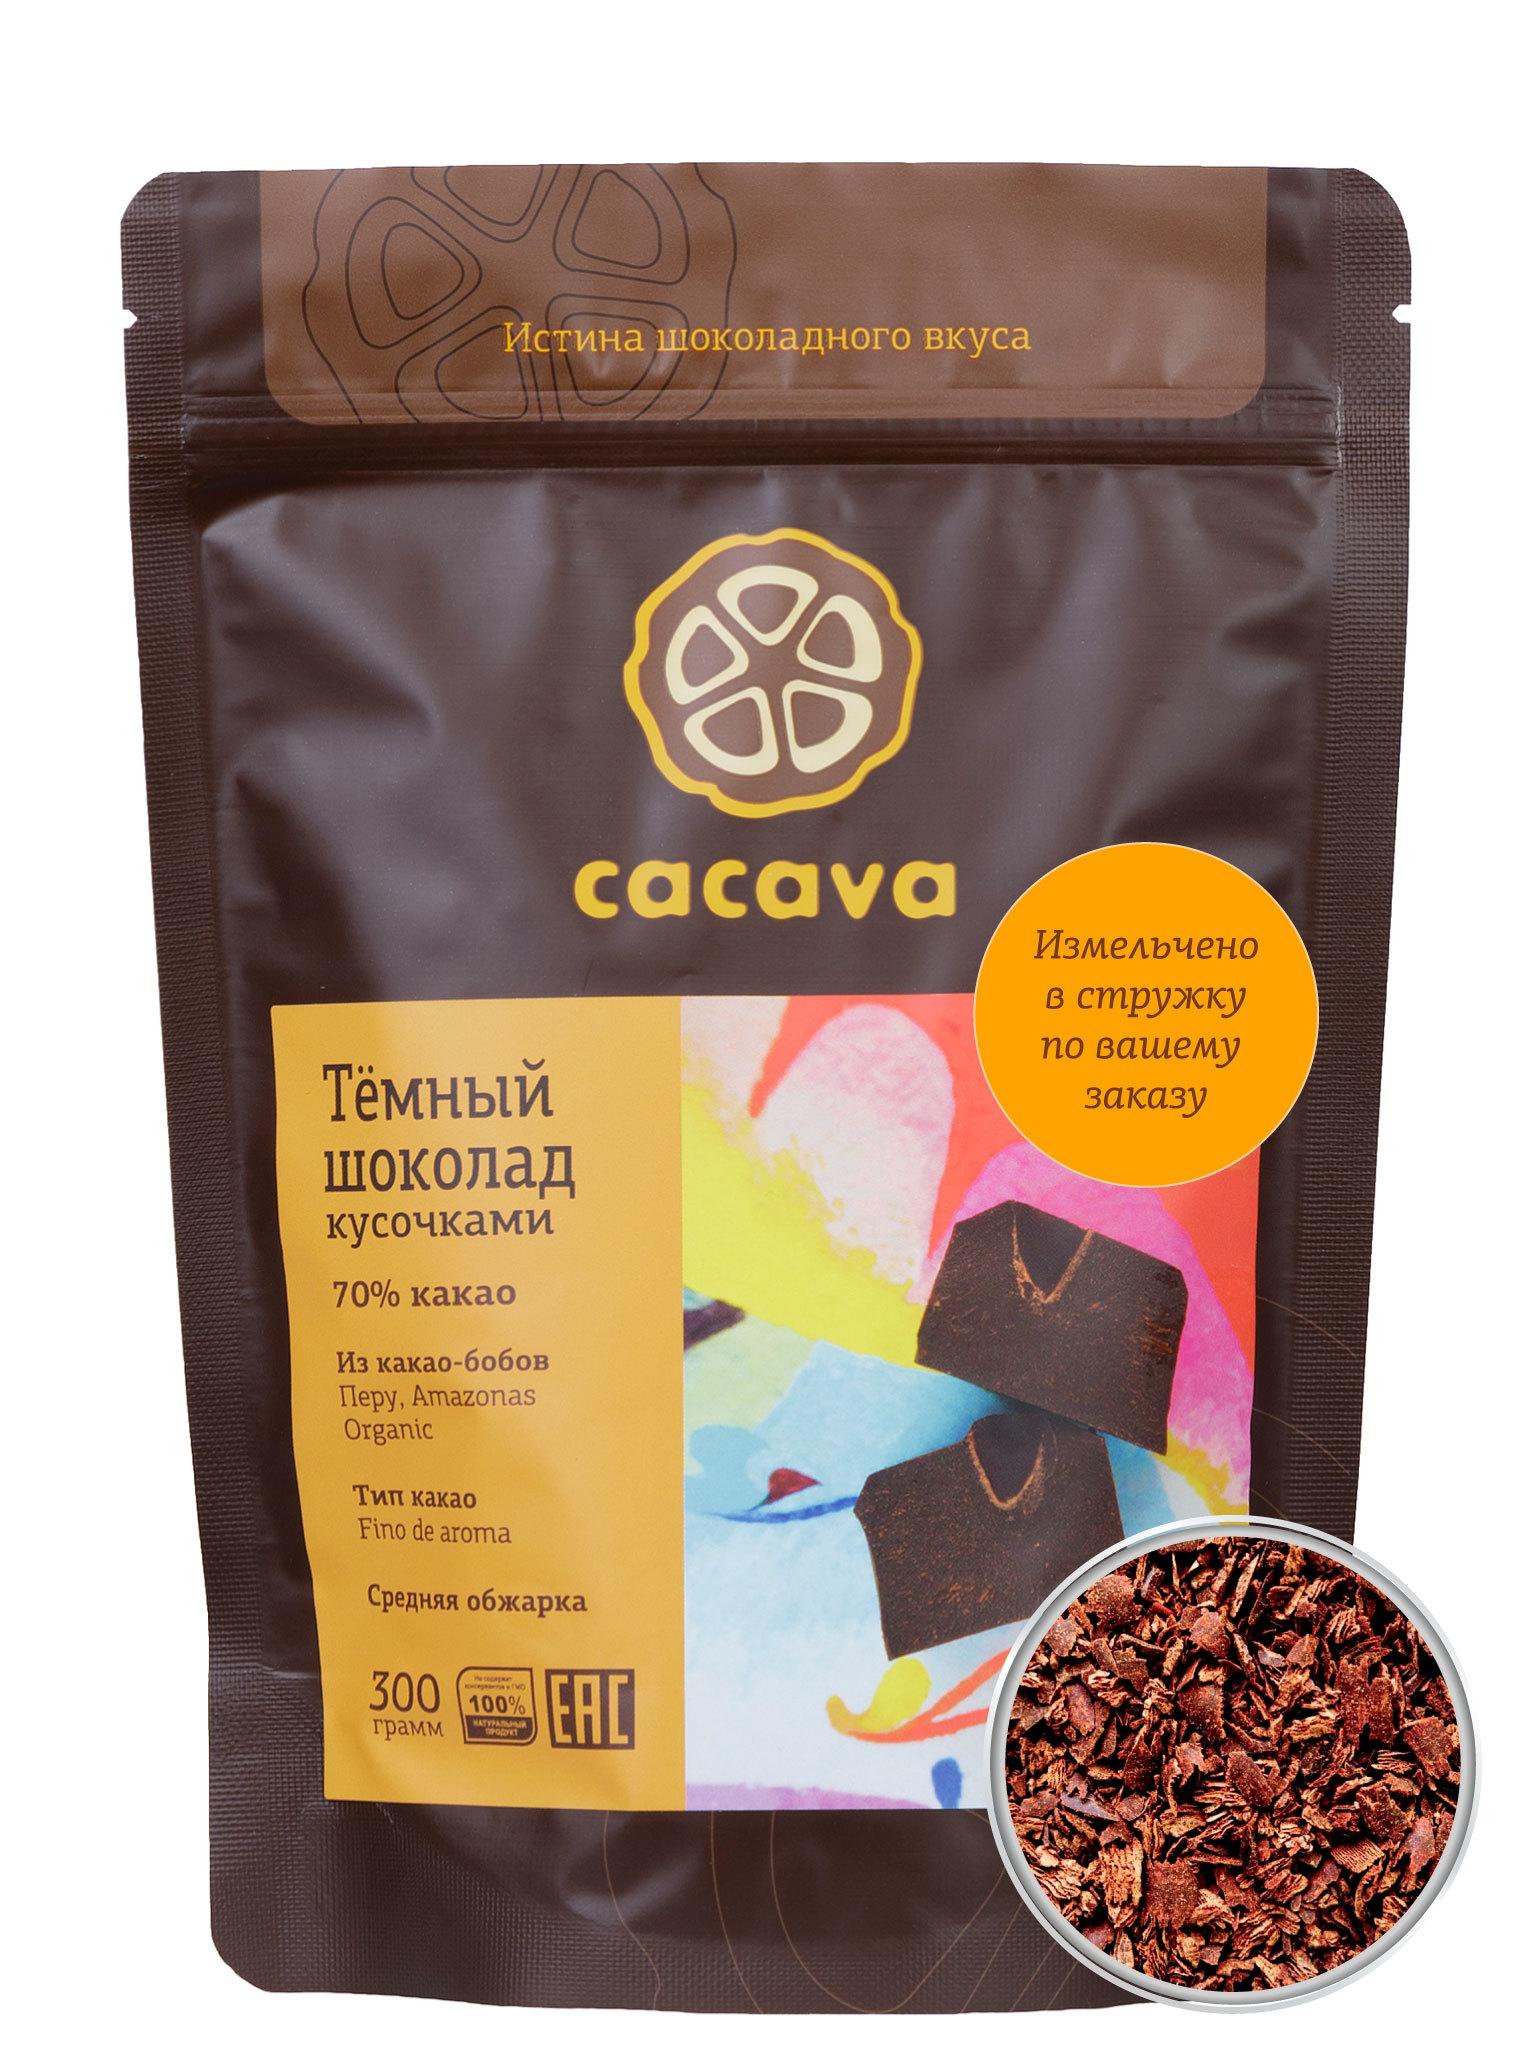 Тёмный шоколад 70 % какао в стружке (Перу, Amazonas), упаковка 300 грамм